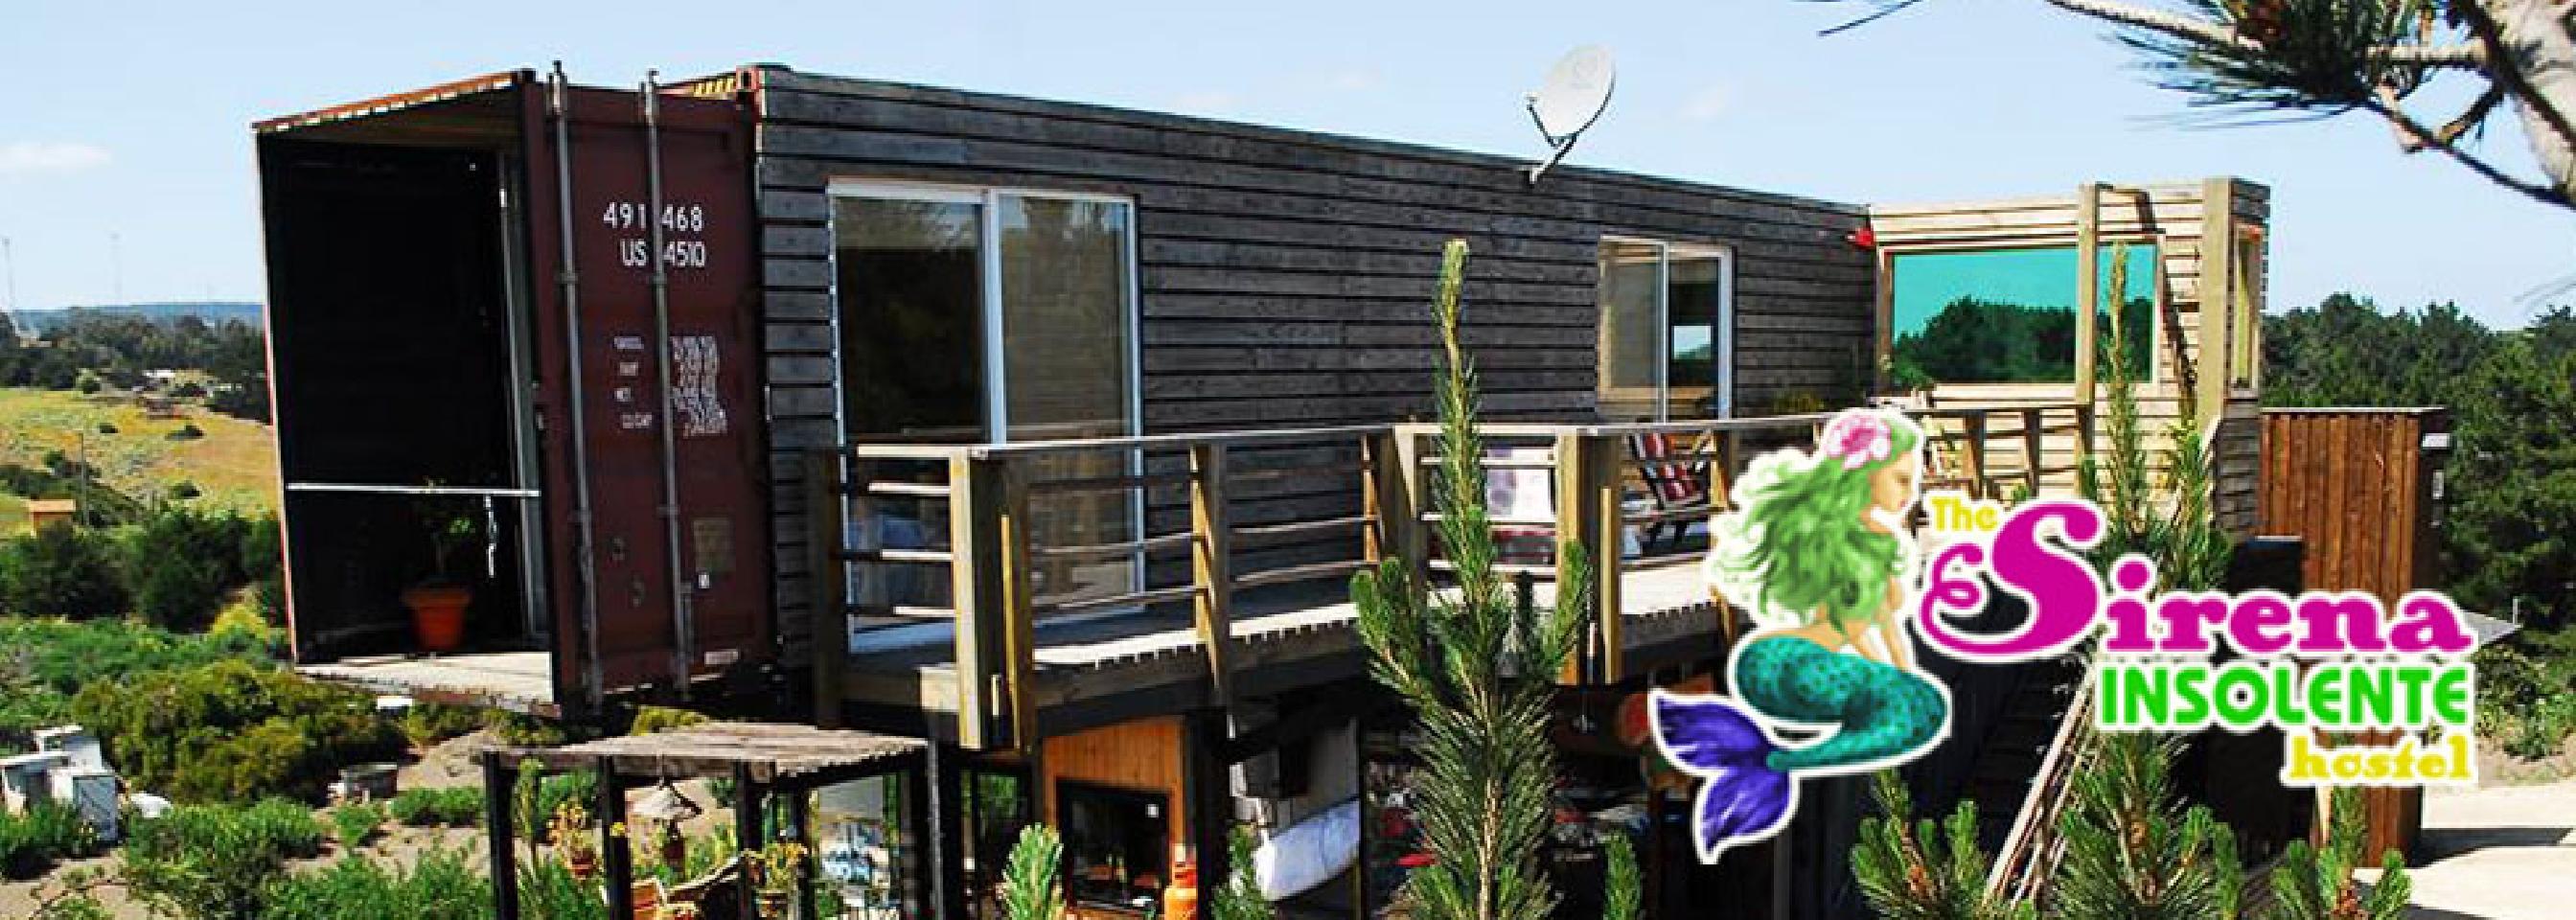 The Sirena Insolente Hostel Pichilemu